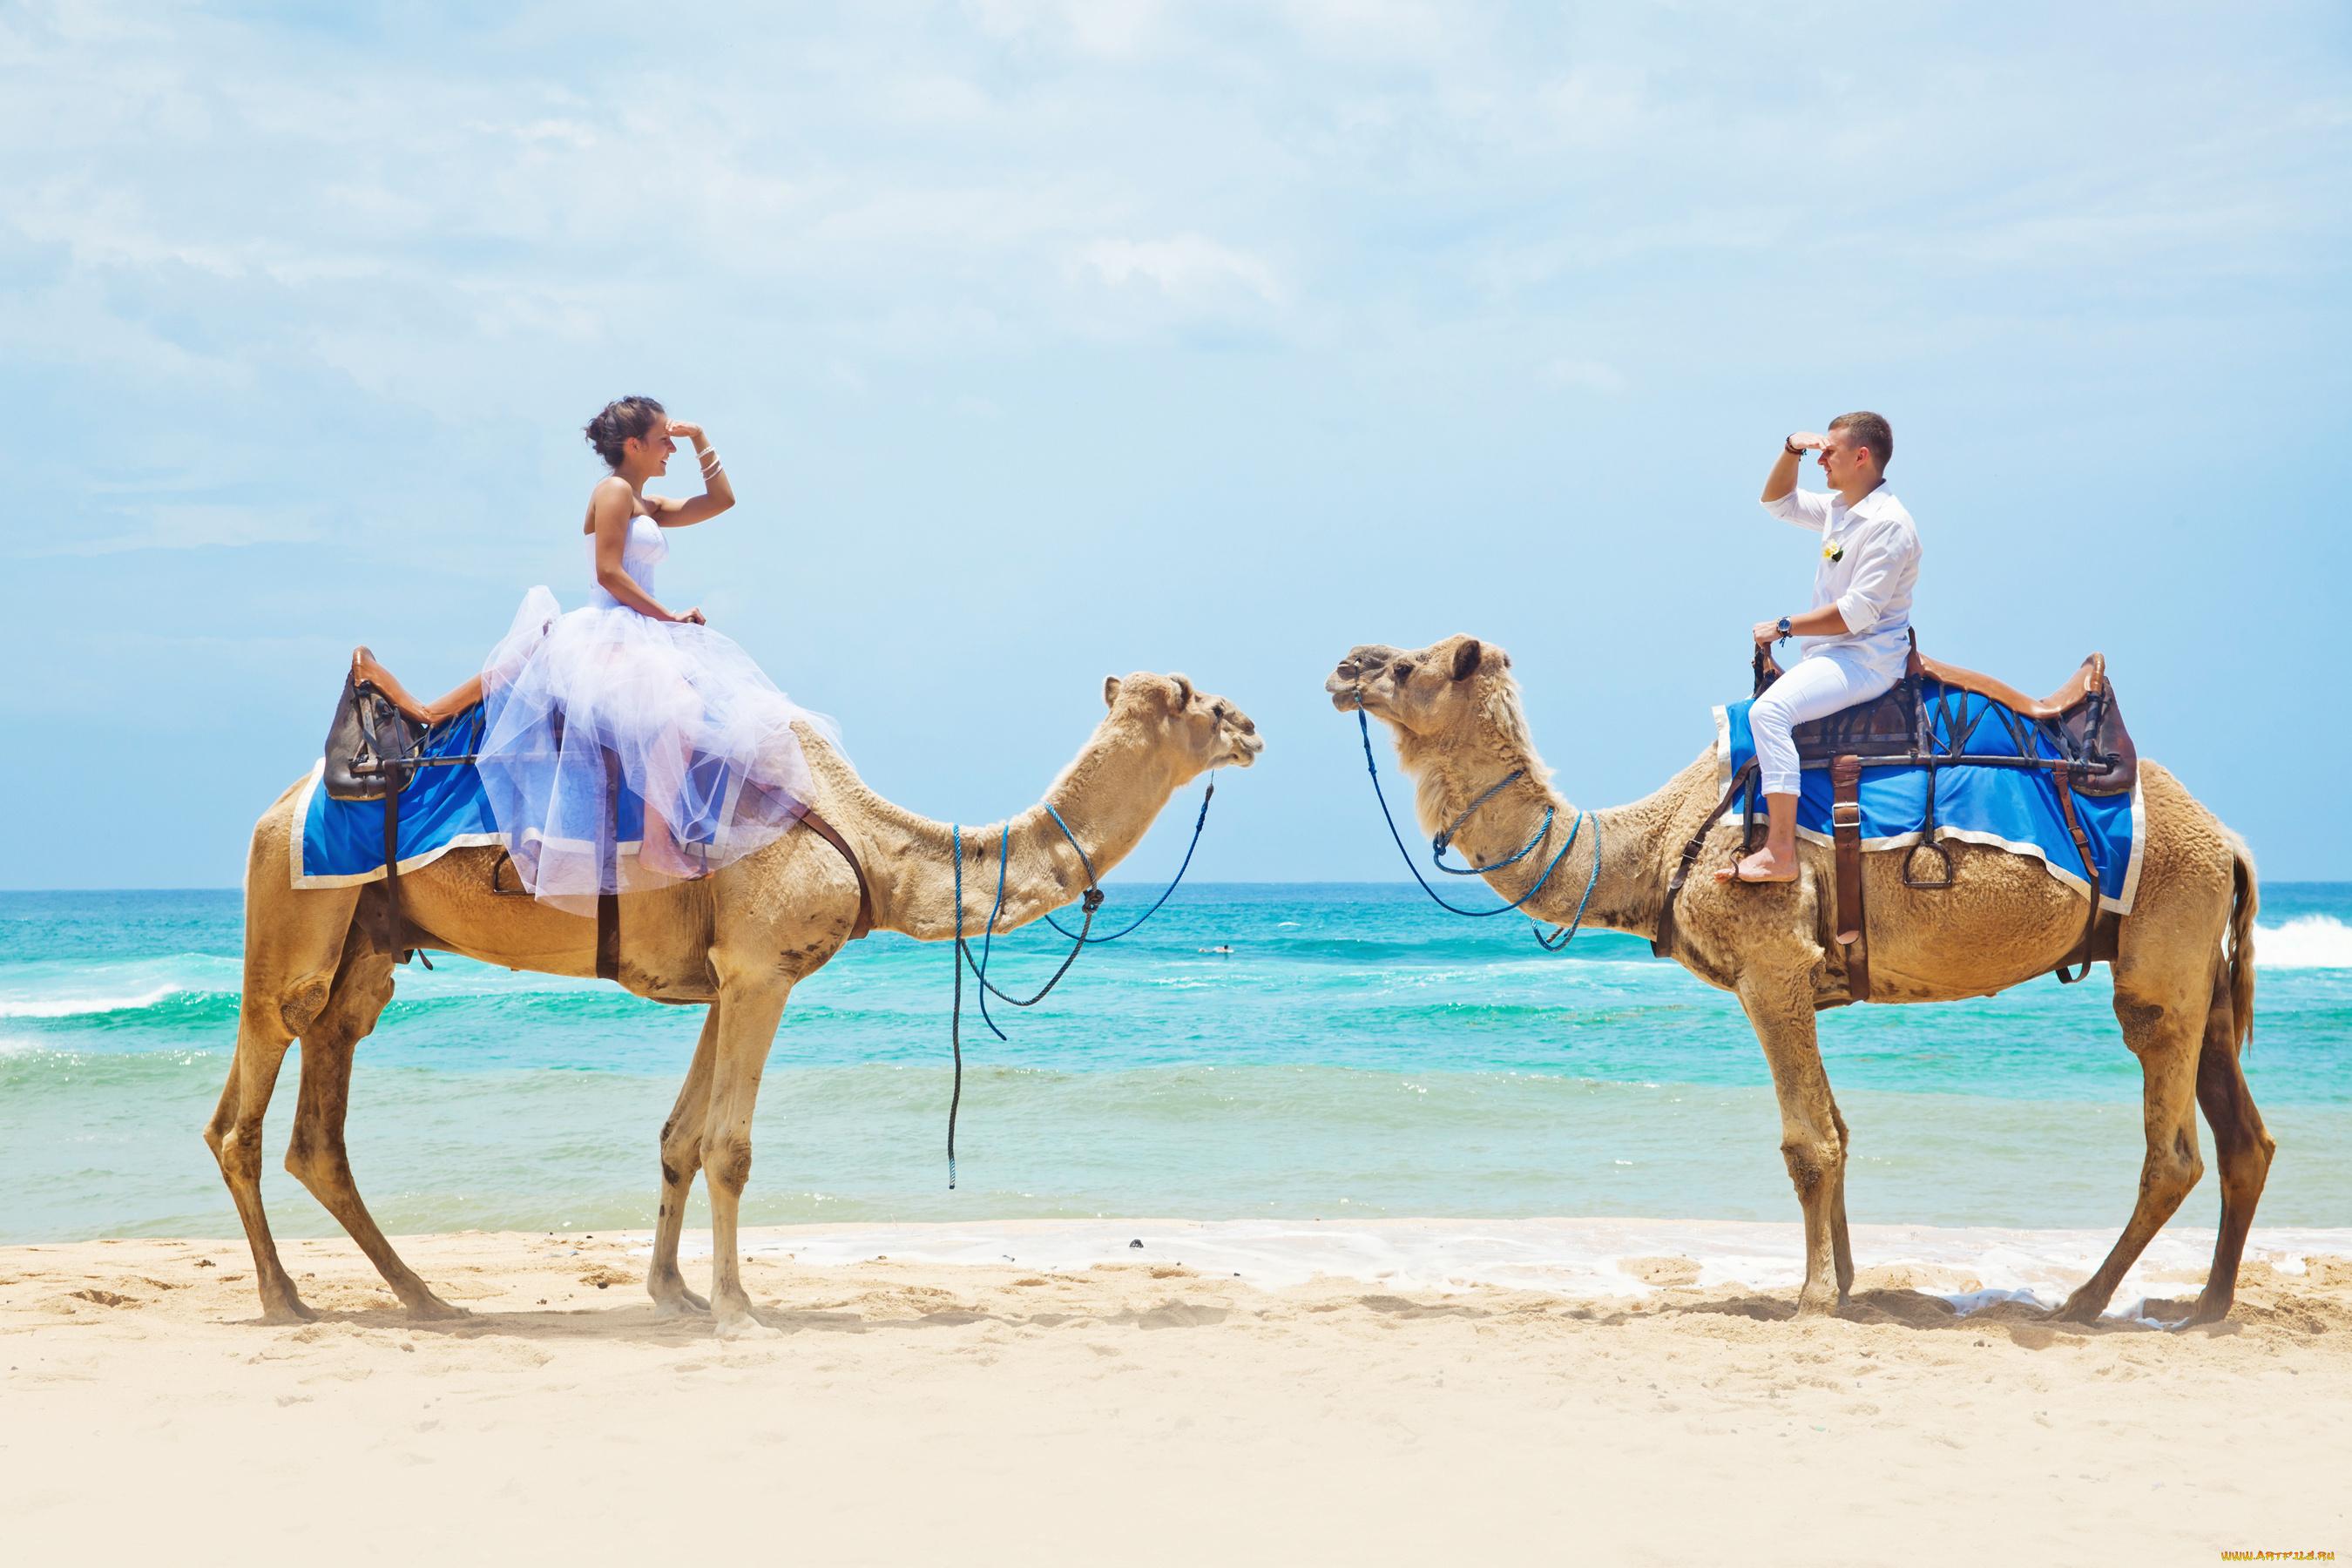 Смешные картинки толстая женщина на верблюде